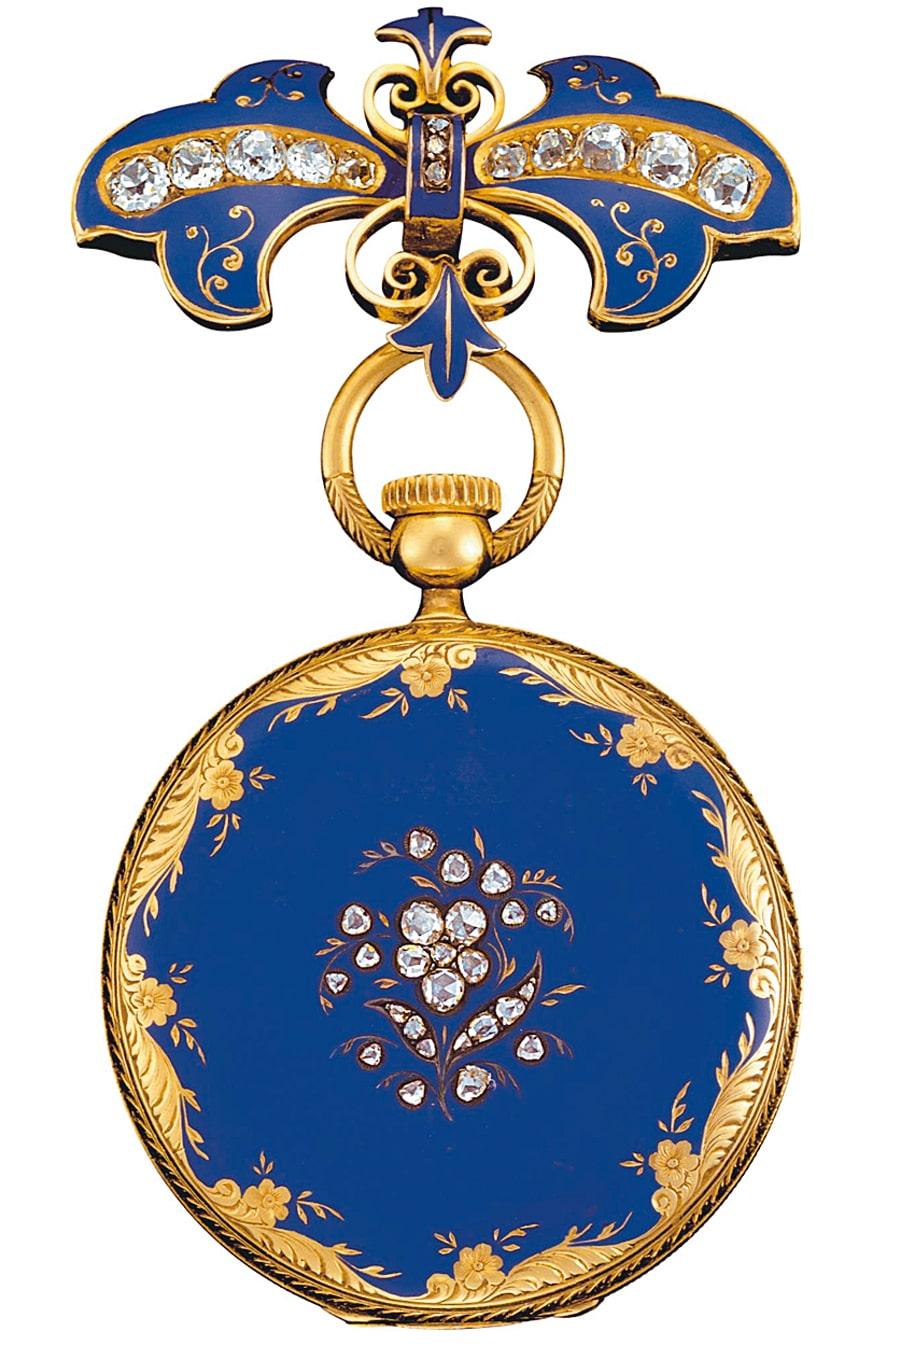 Dank Königin Victoria von England erschließt sich Patek Philippe der Adel Europas. Sie bestellt 1850/51 diese Uhr mit Aufzug ohne Schlüssel und lädt die Partner Patek und Philippe an ihren Hof ein.